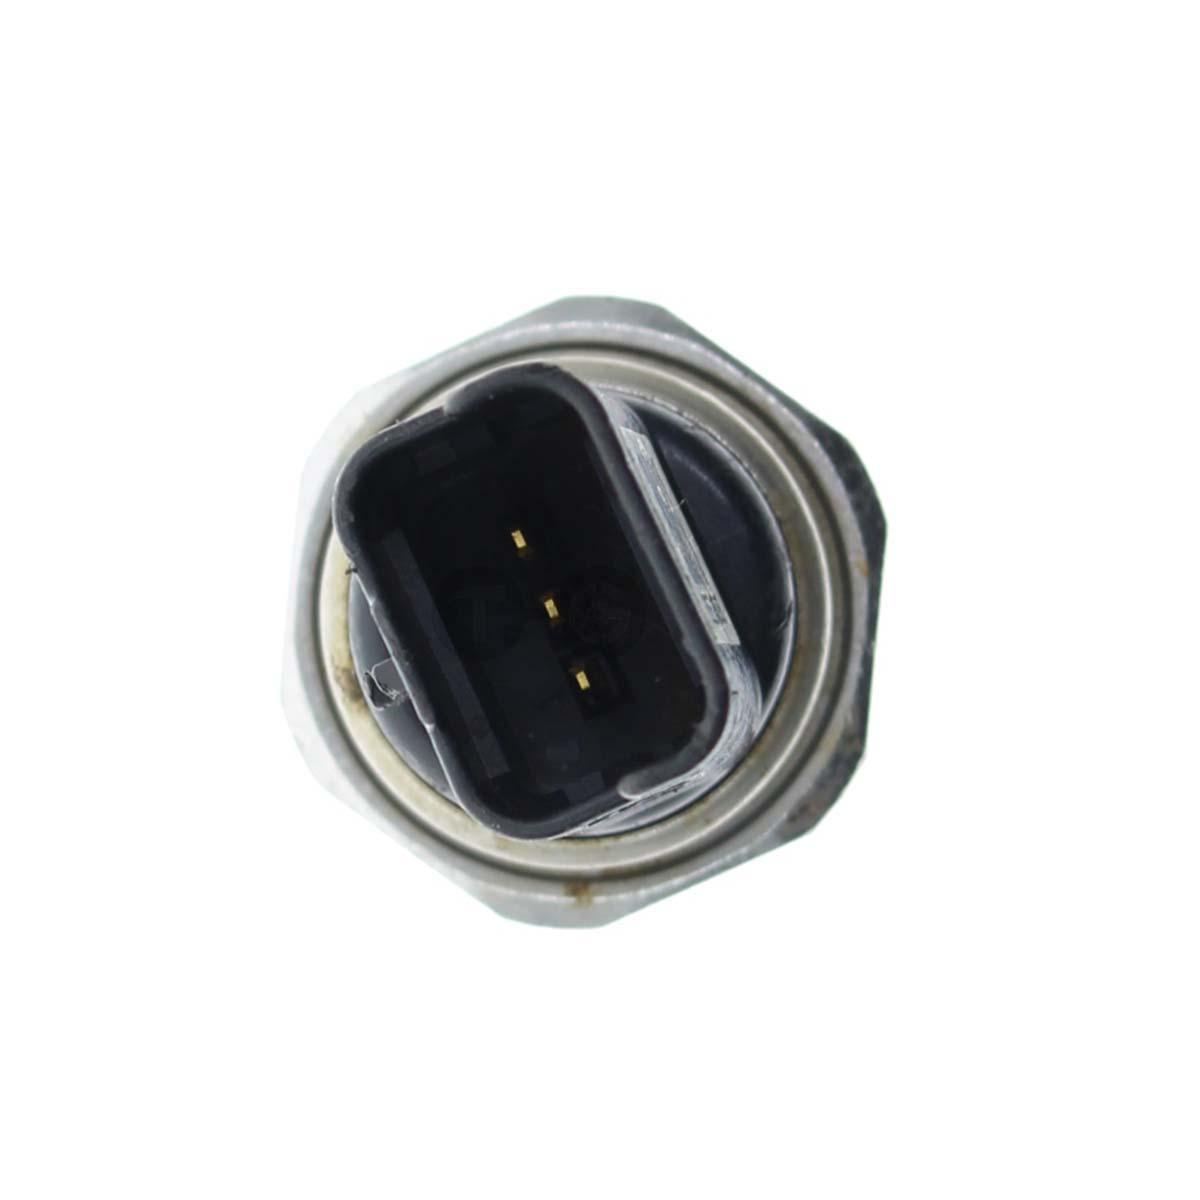 OEM Ford Fuel Rail Pressure Sensor F-550 F Series Super Duty 6.4L Diesel 08-10